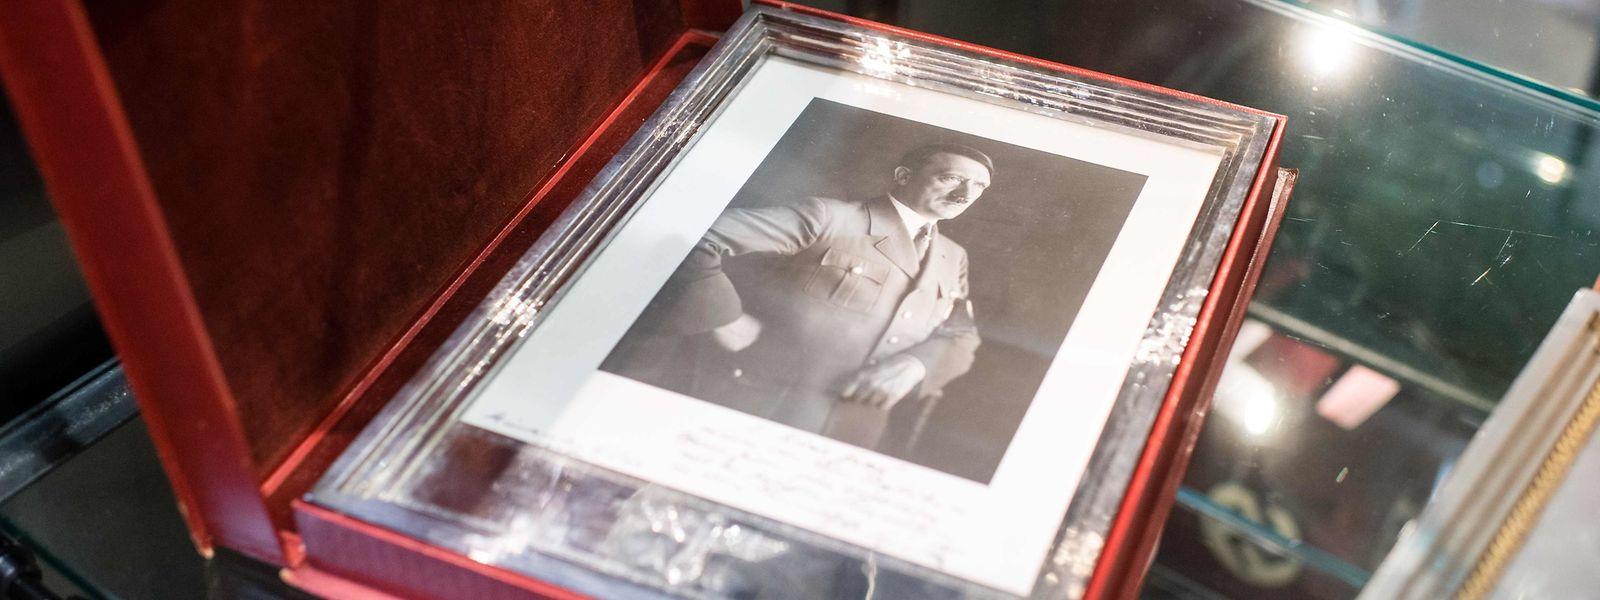 Hitler und kein Ende: In München wurden Nazi-Memorabilia versteigert. Das Bieter-Interesse war immens.